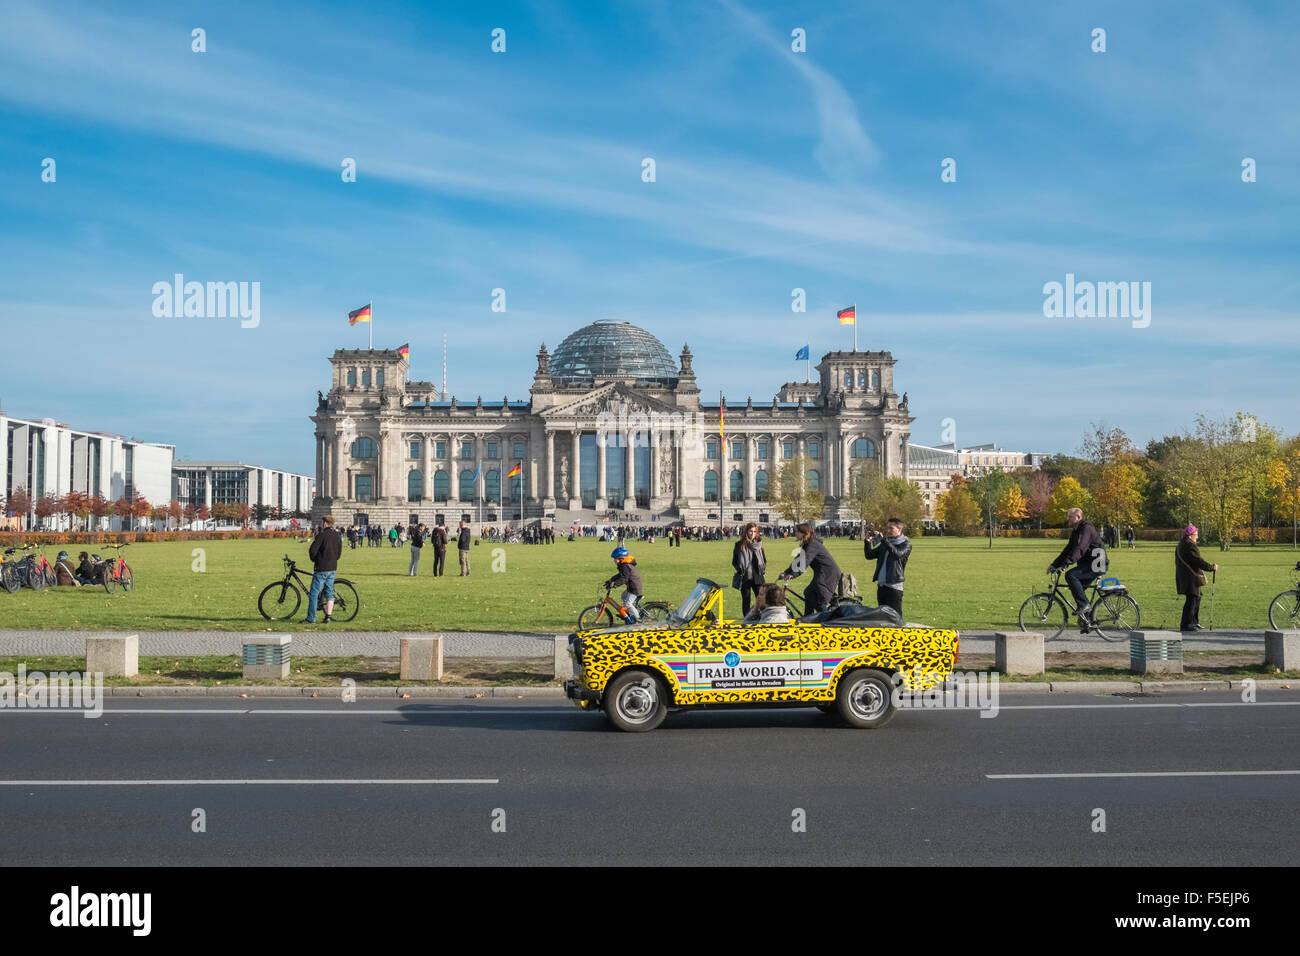 Touristen in Trabi Auto anhalten, das Reichstagsgebäude, Berlin, Deutschland, Europa anzeigen Stockbild